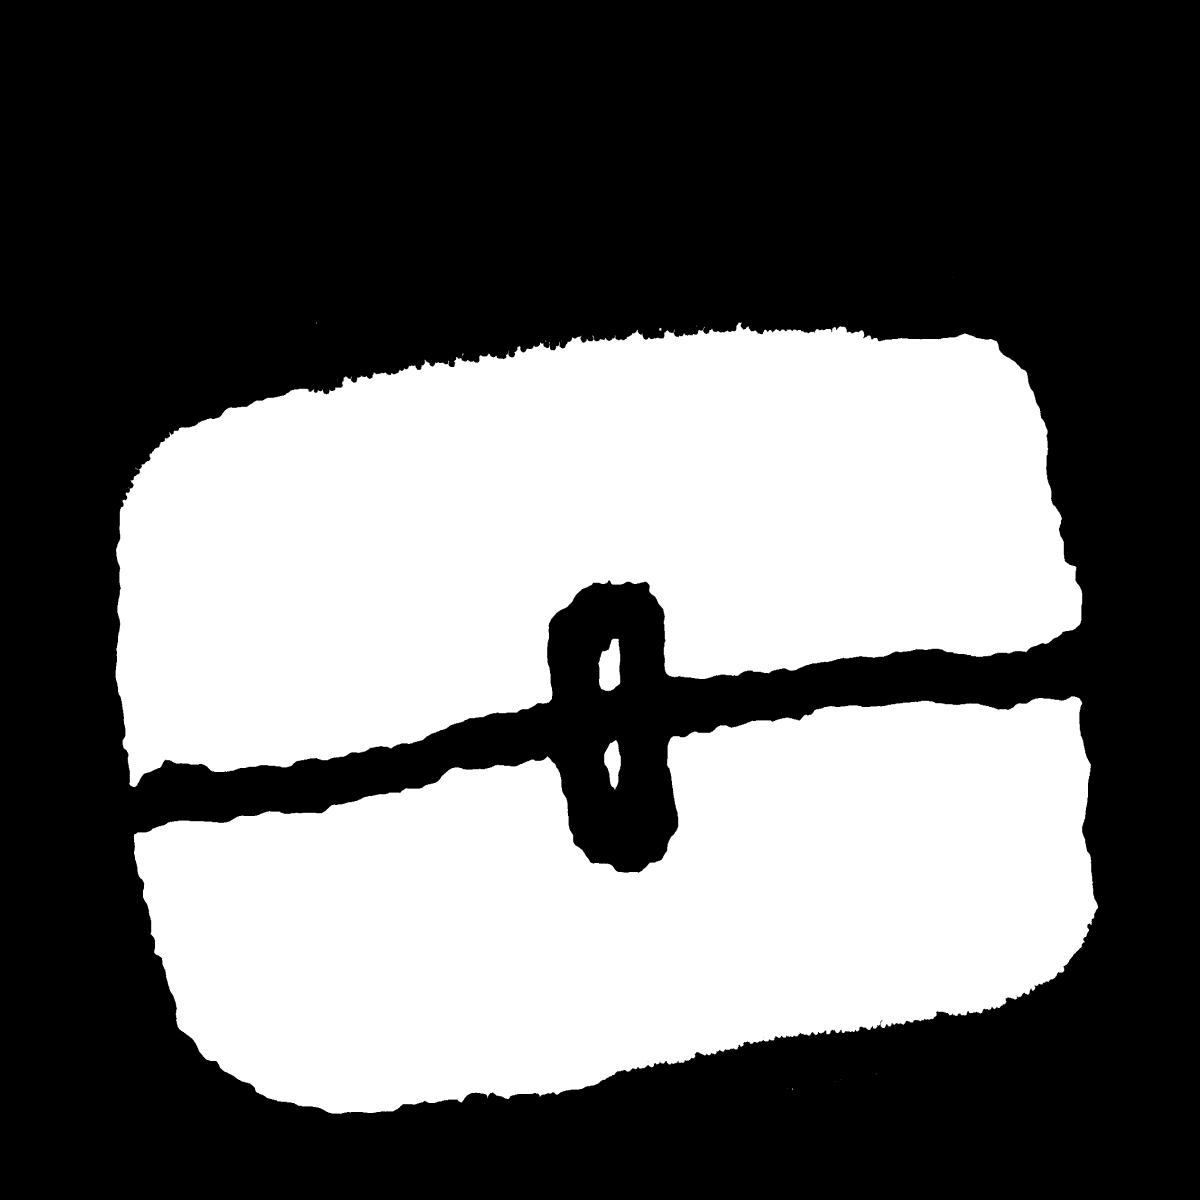 ビジネスバッグ2のイラスト / Business bag 2 Illustration